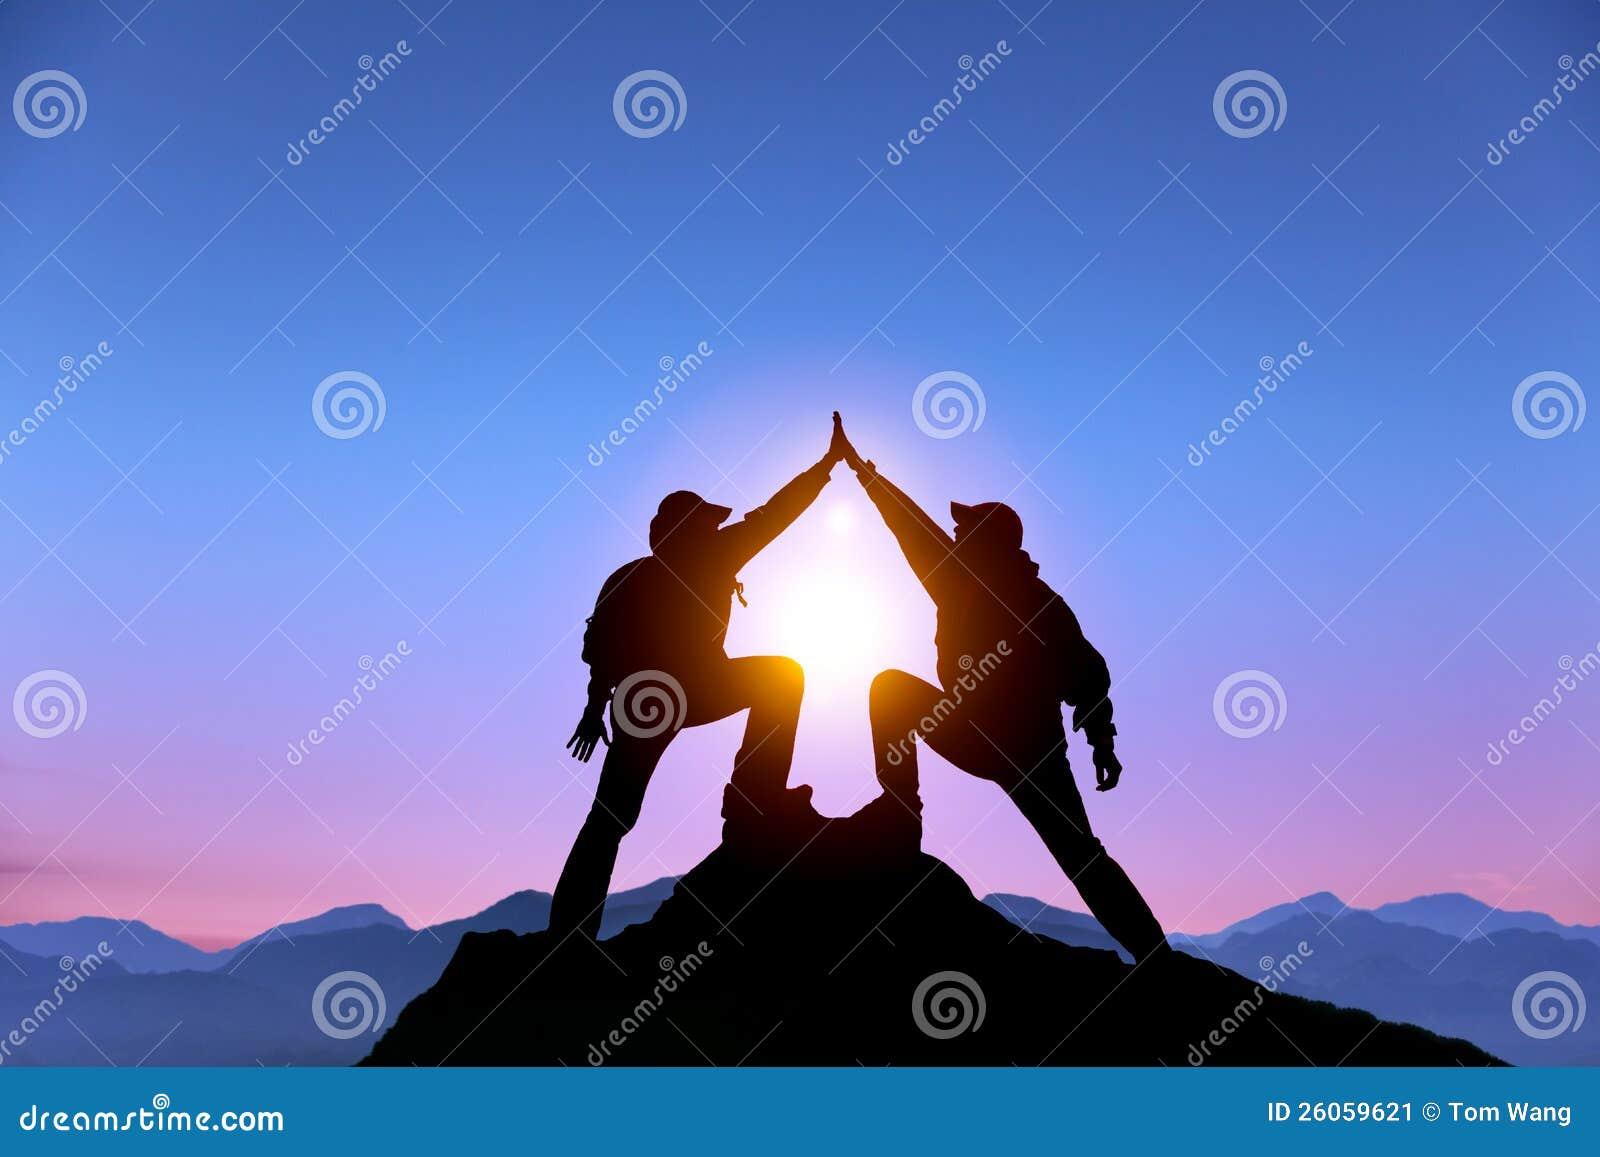 Di due uomini con il gesto di successo sulla montagna